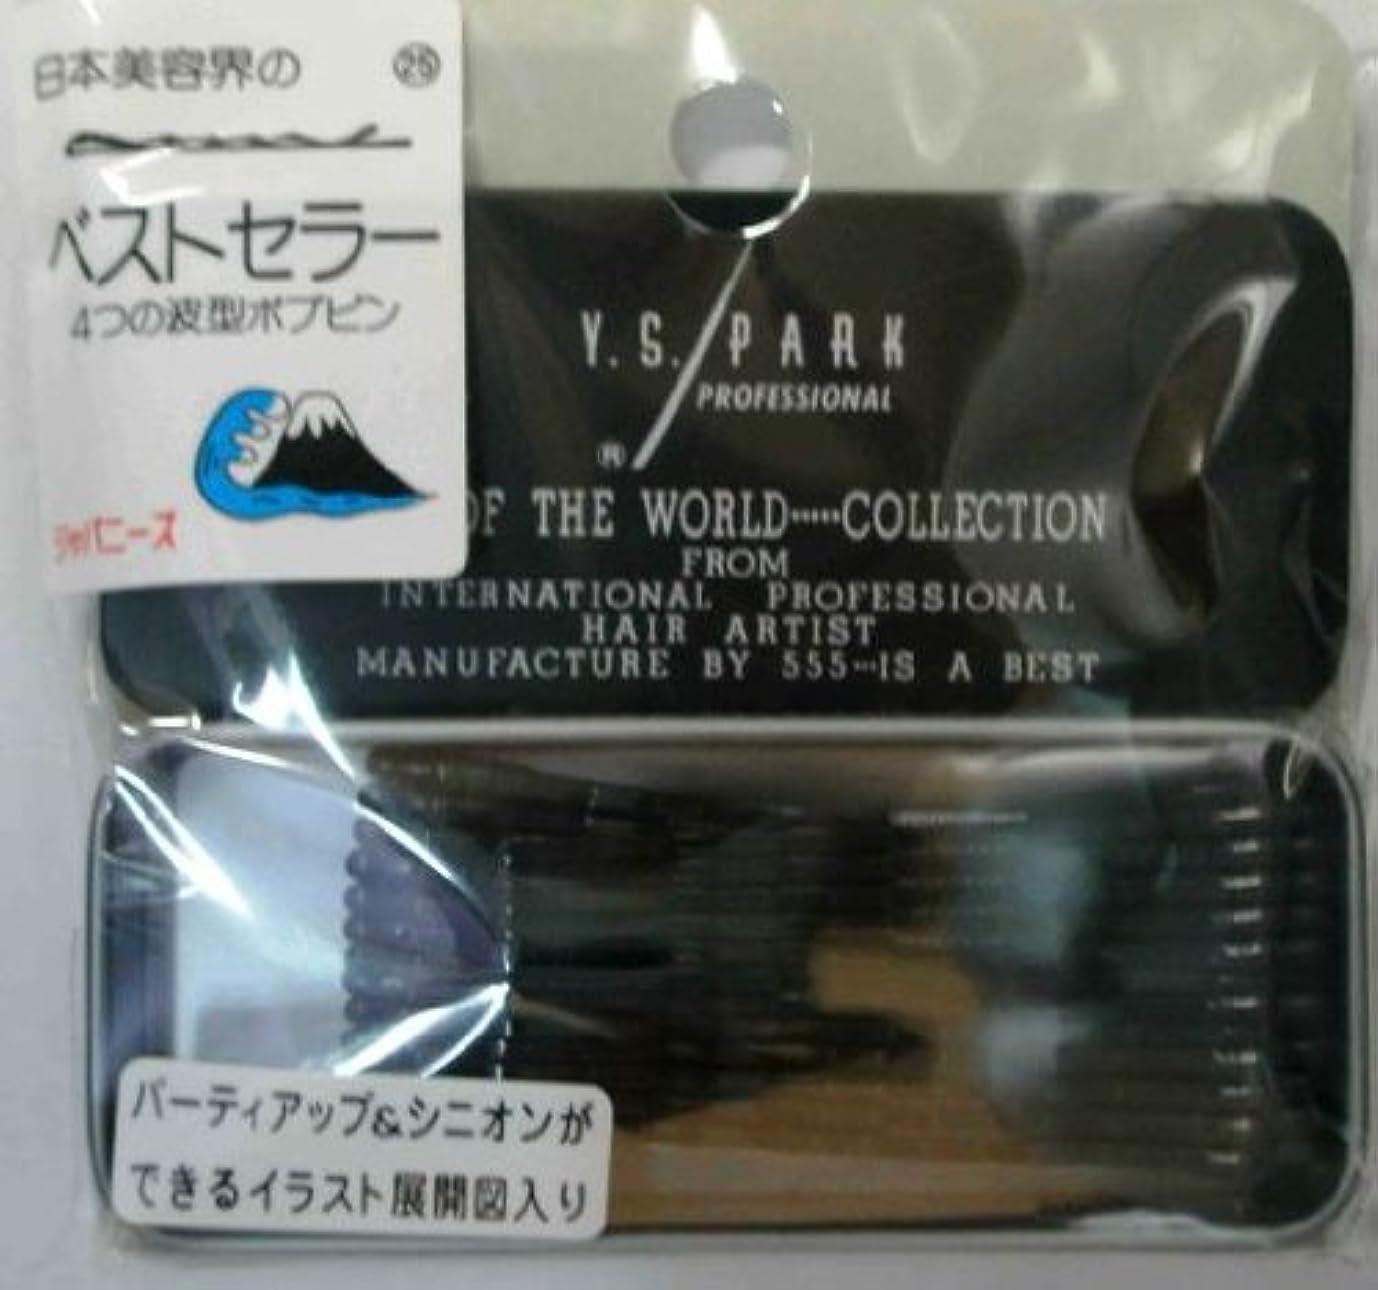 追放する判読できない寂しいY.S.PARK世界のヘアピンコレクションNo.25(ボブピン)ジャパニーズ48P